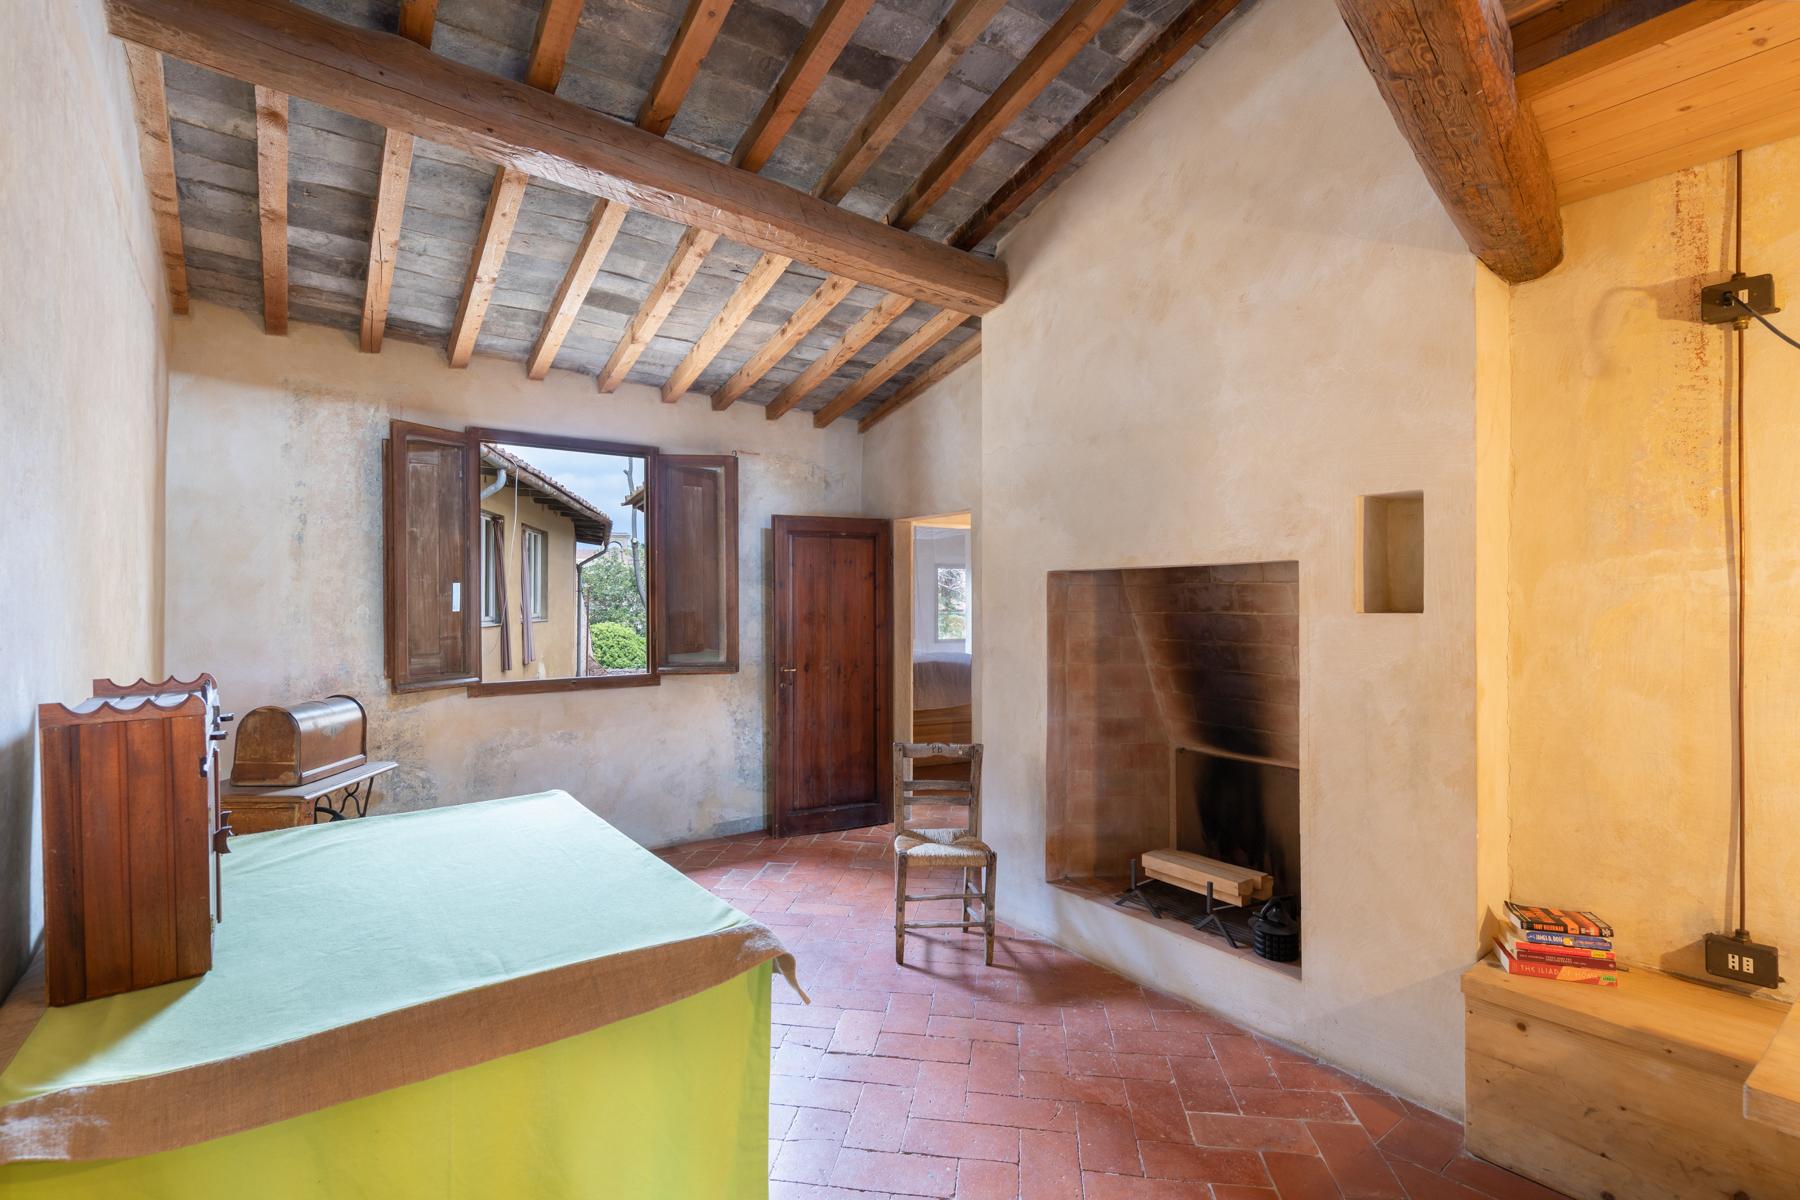 Appartamento in Vendita a Firenze: 4 locali, 120 mq - Foto 10